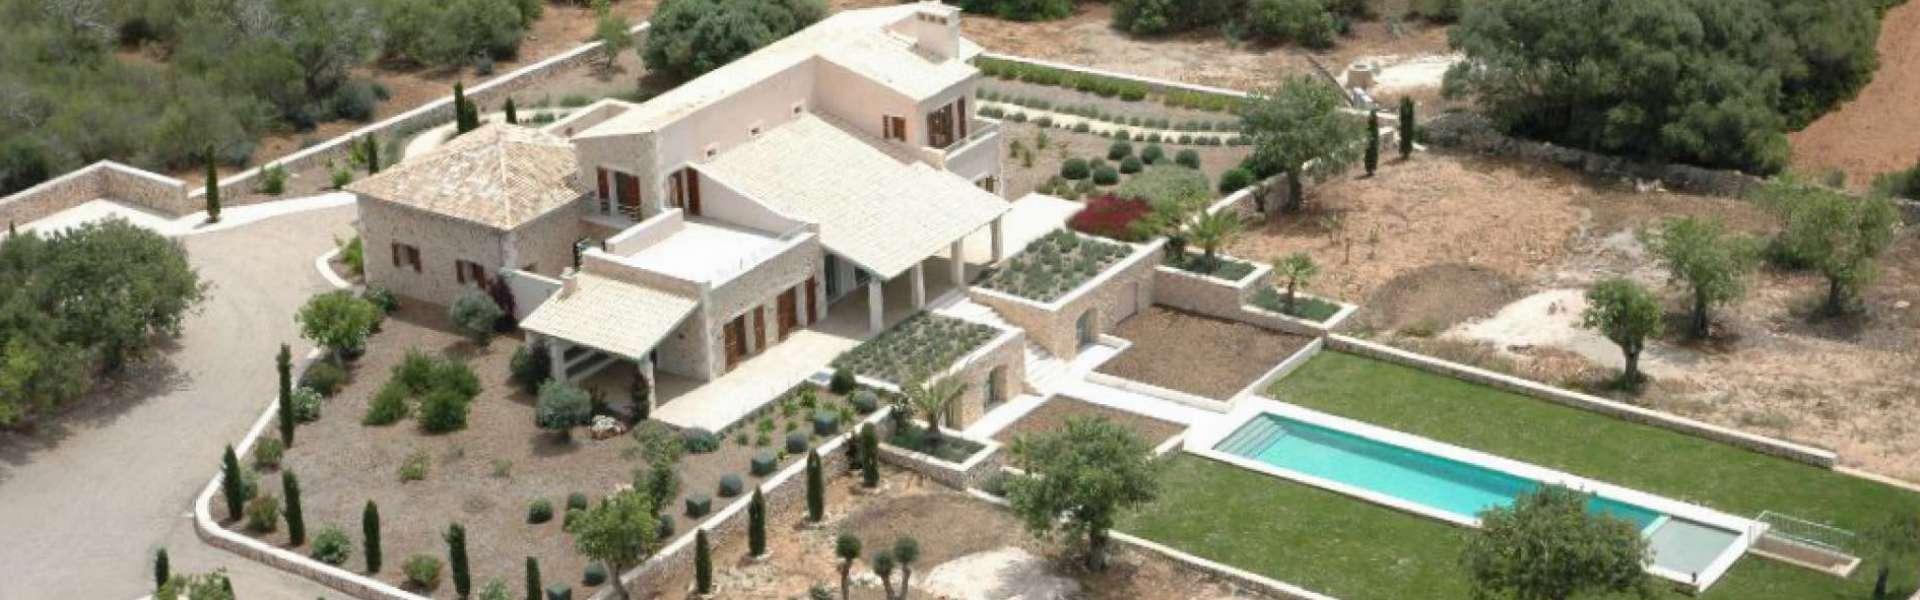 Realisiertes Bauvorhaben mit Panoramablick bei Santanyi